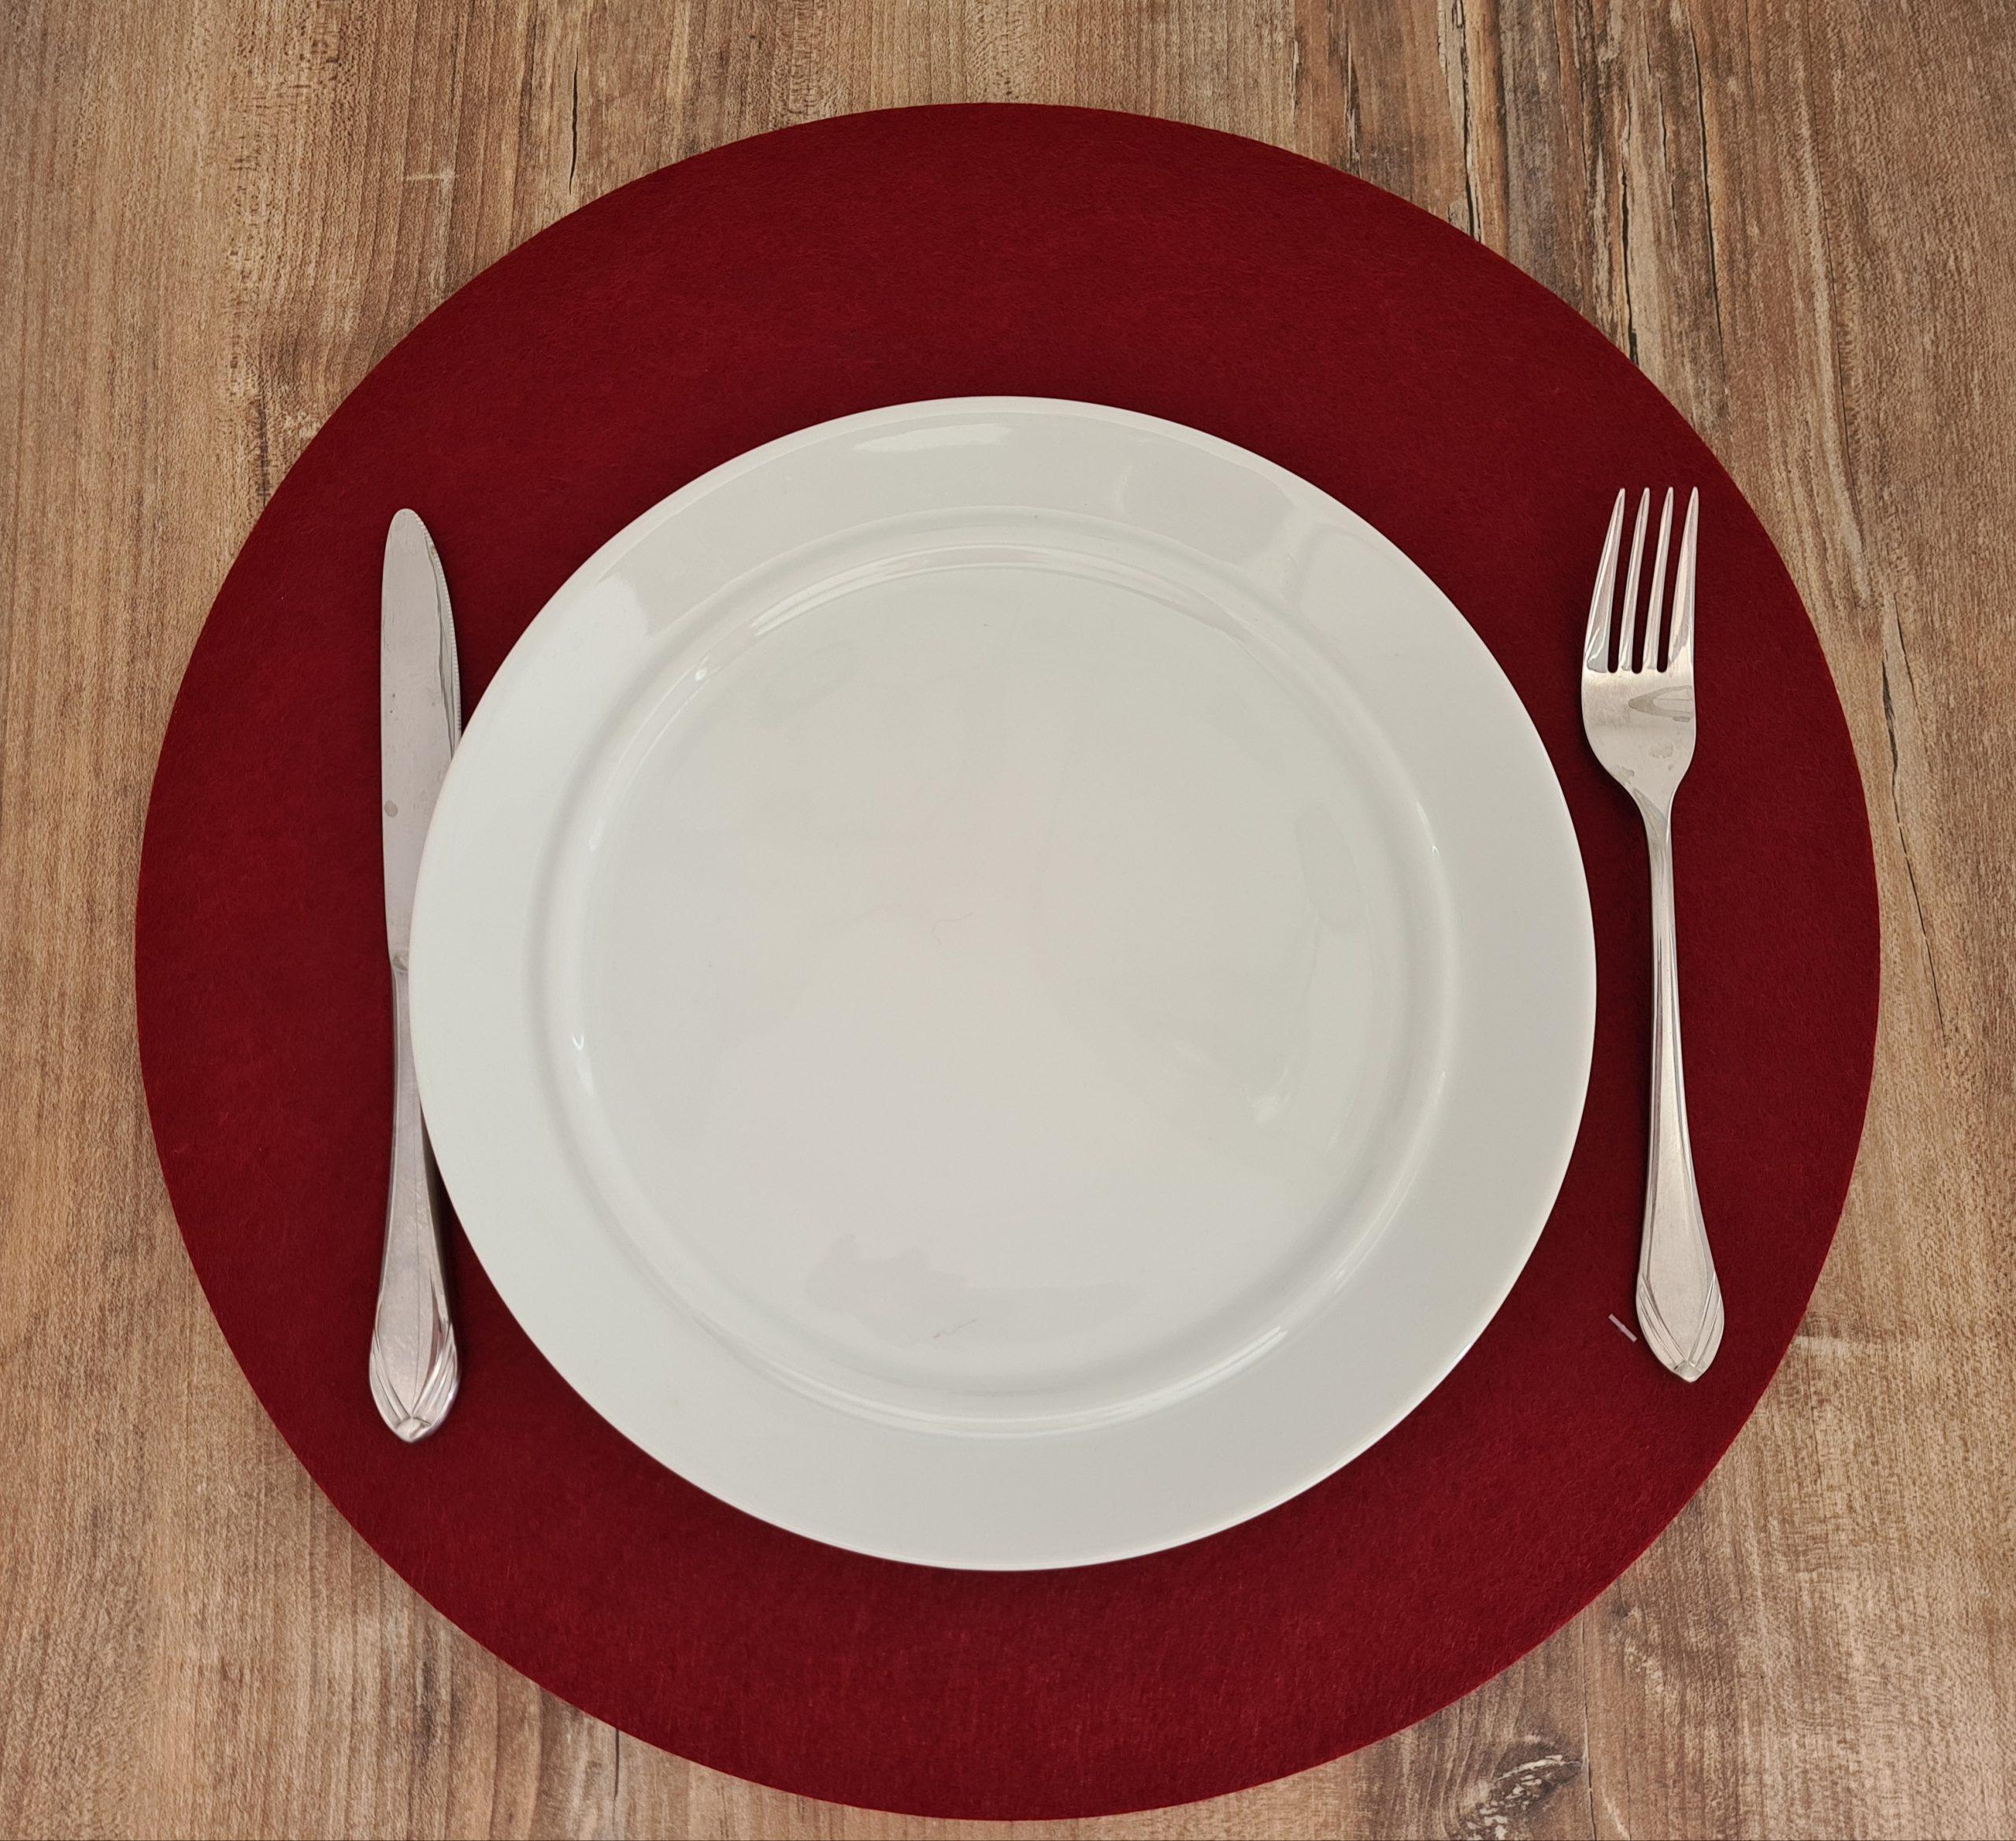 Roter Filz-Untersetzter rund mit Teller und Besteck - Handgemachte individualisierbare Taschen, Körbe, Tischsets, Dekoartikel und mehr auf fideko.de der Onlineshop seit 2011